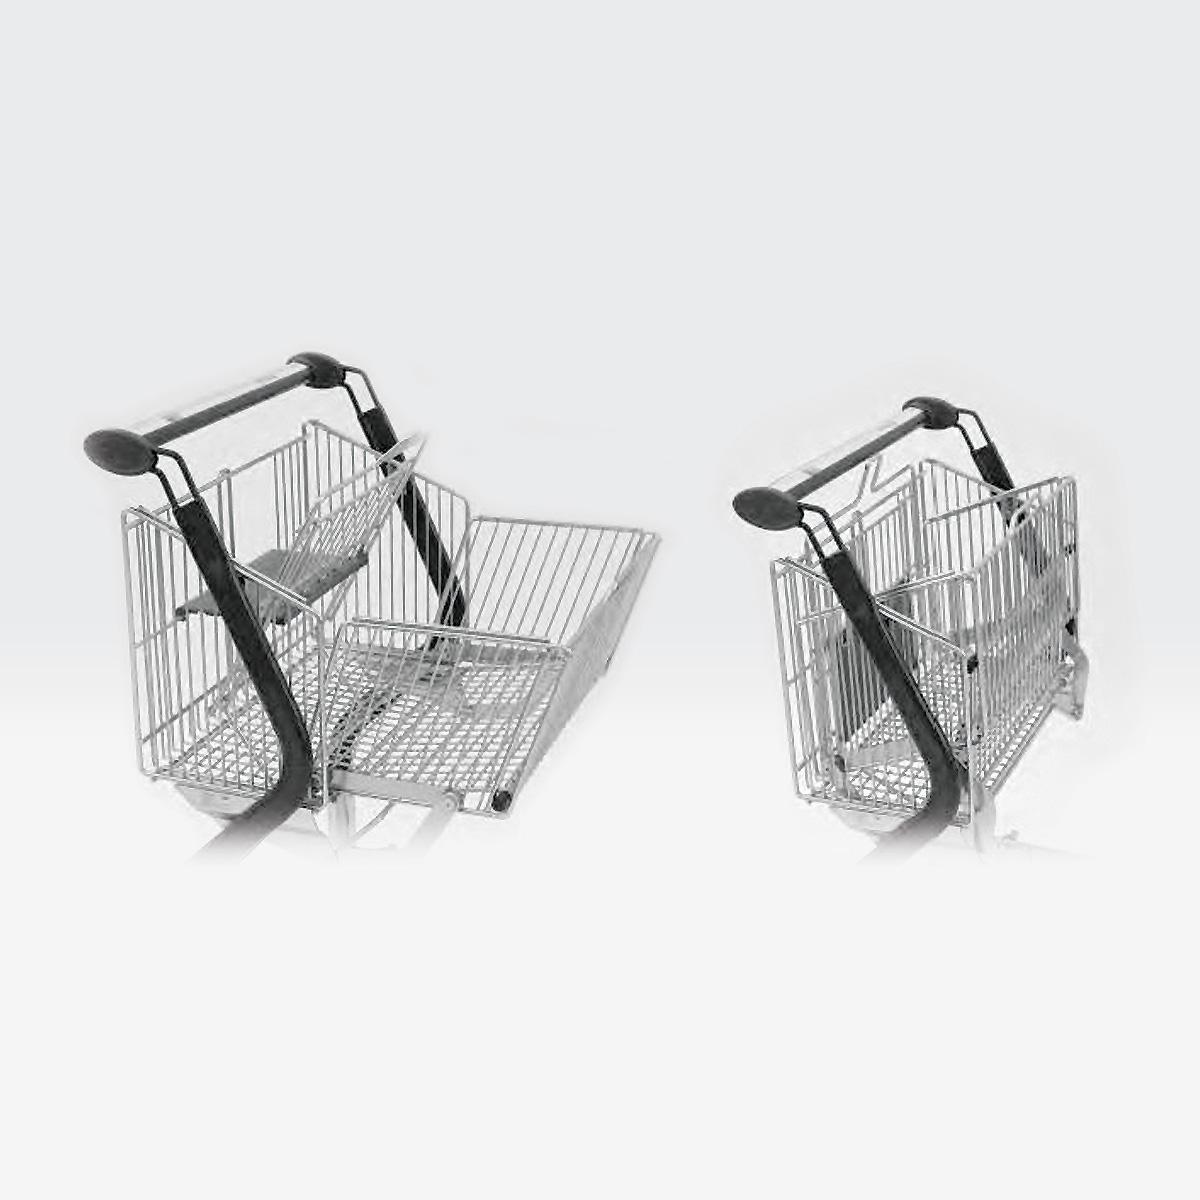 Carrello design per logistica magazzino Vario Design cesti - Filomarket